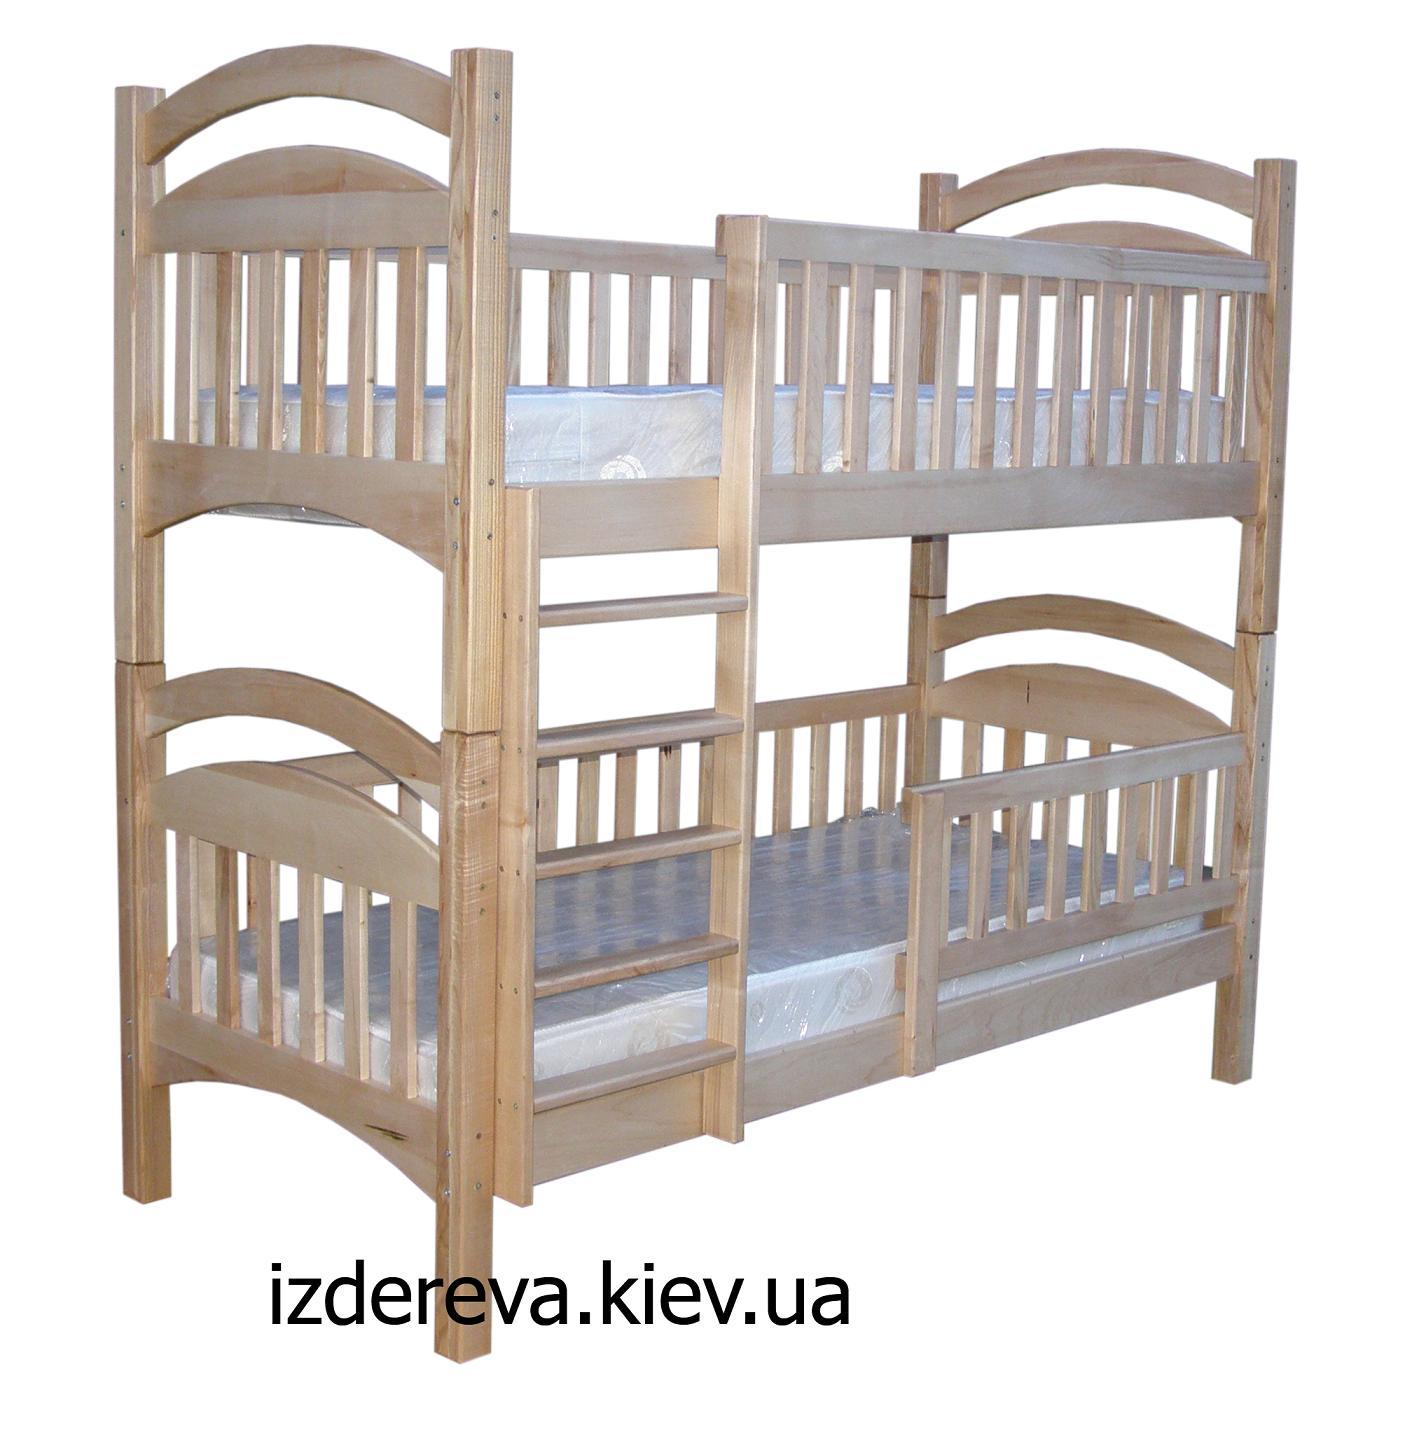 Двоярусне ліжко в Києві